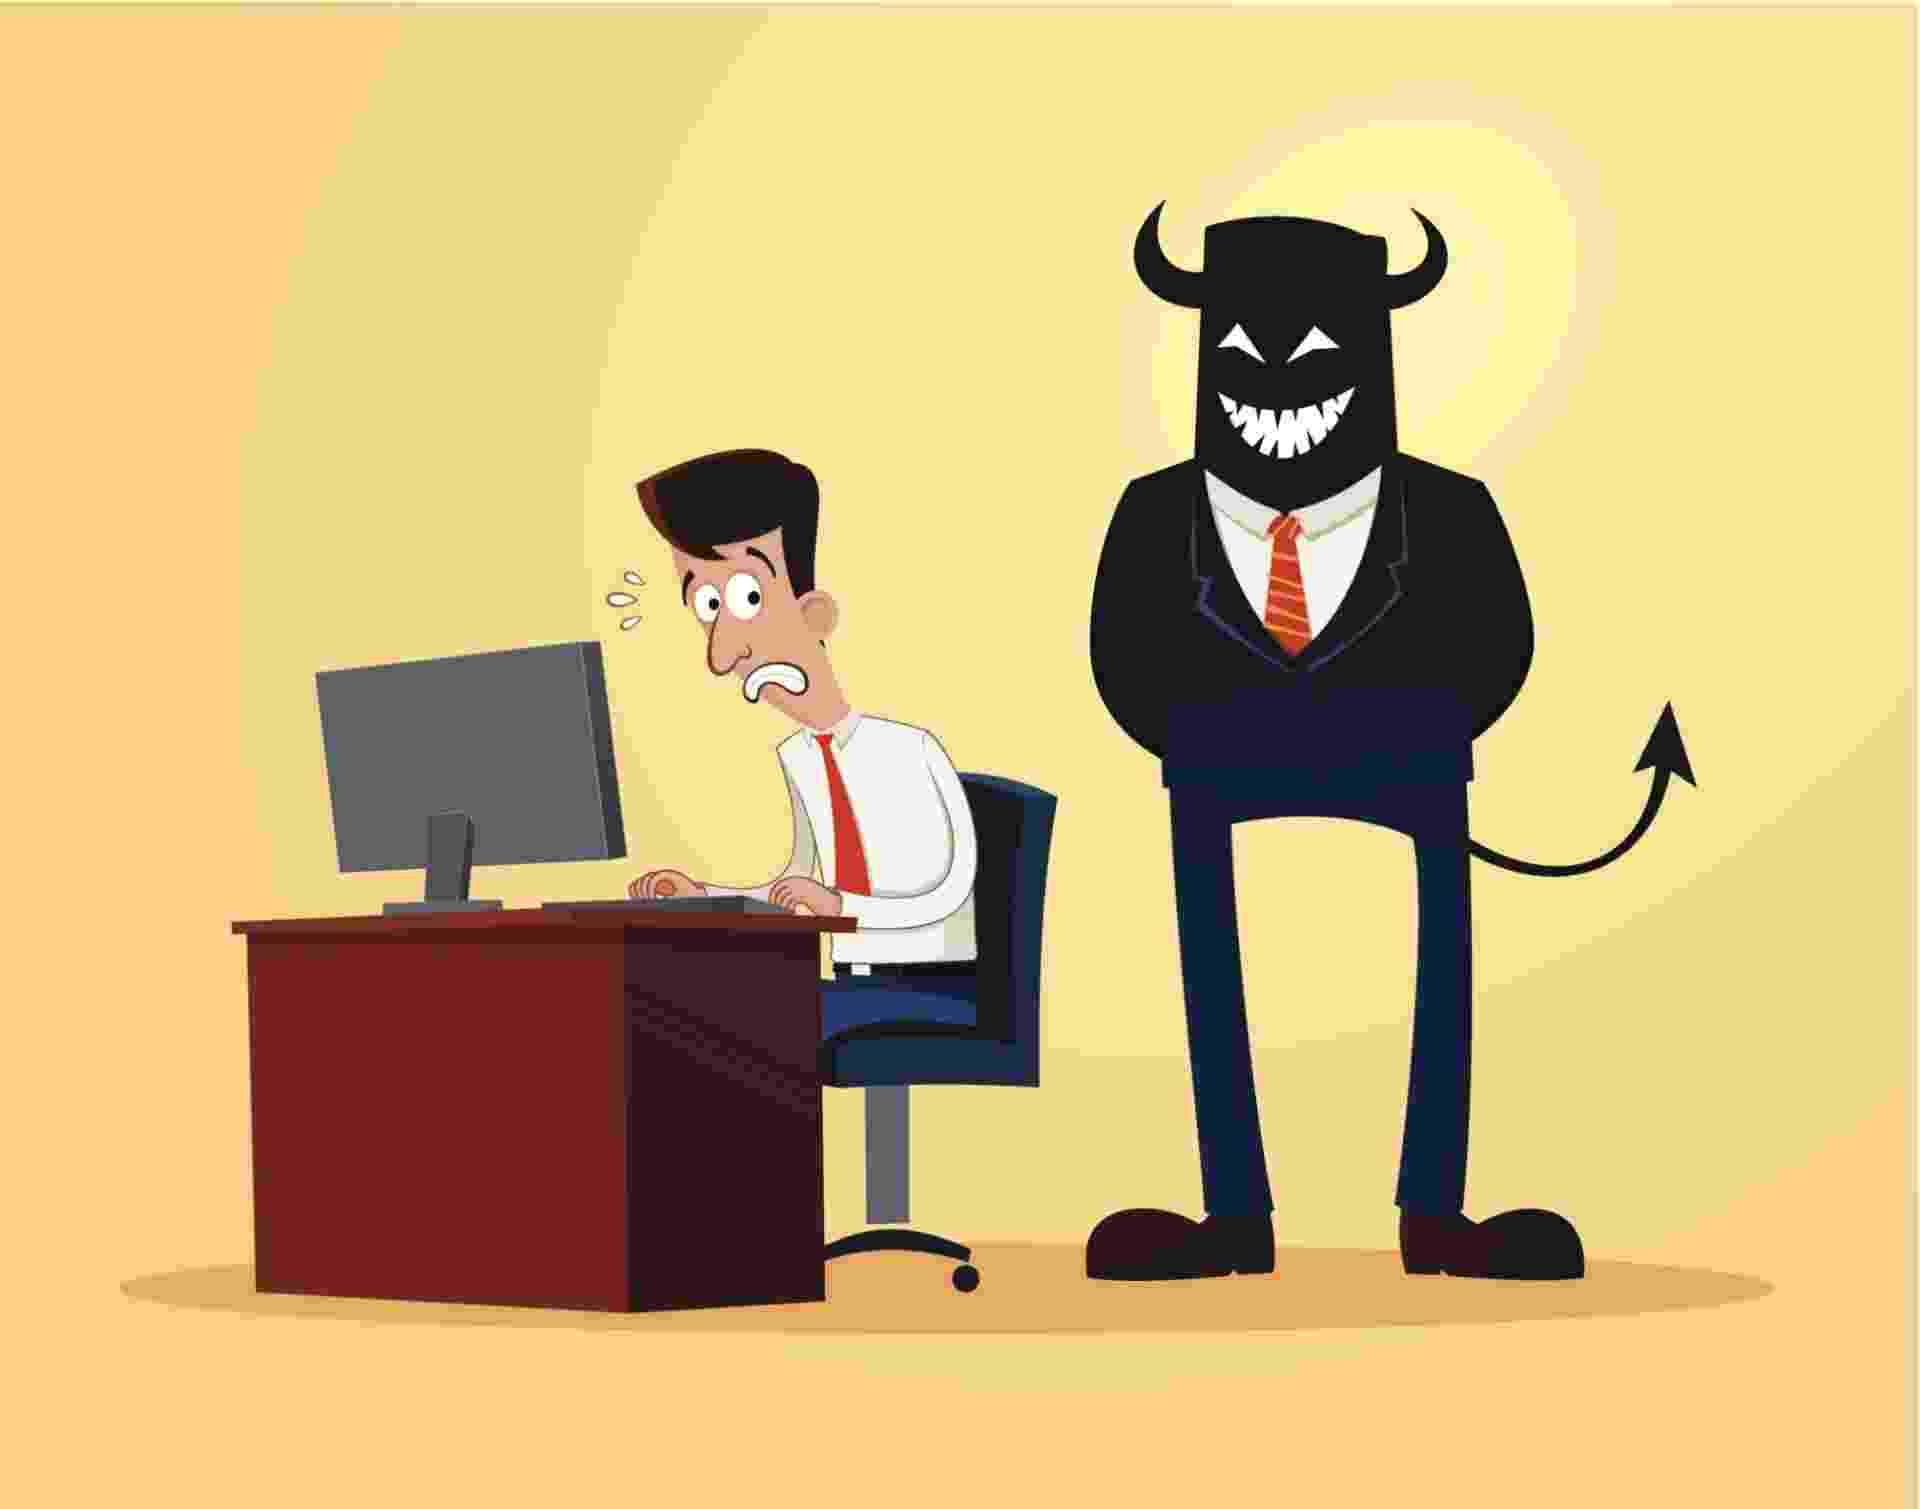 Funcionário, chefe, profissional, medo - Getty Images